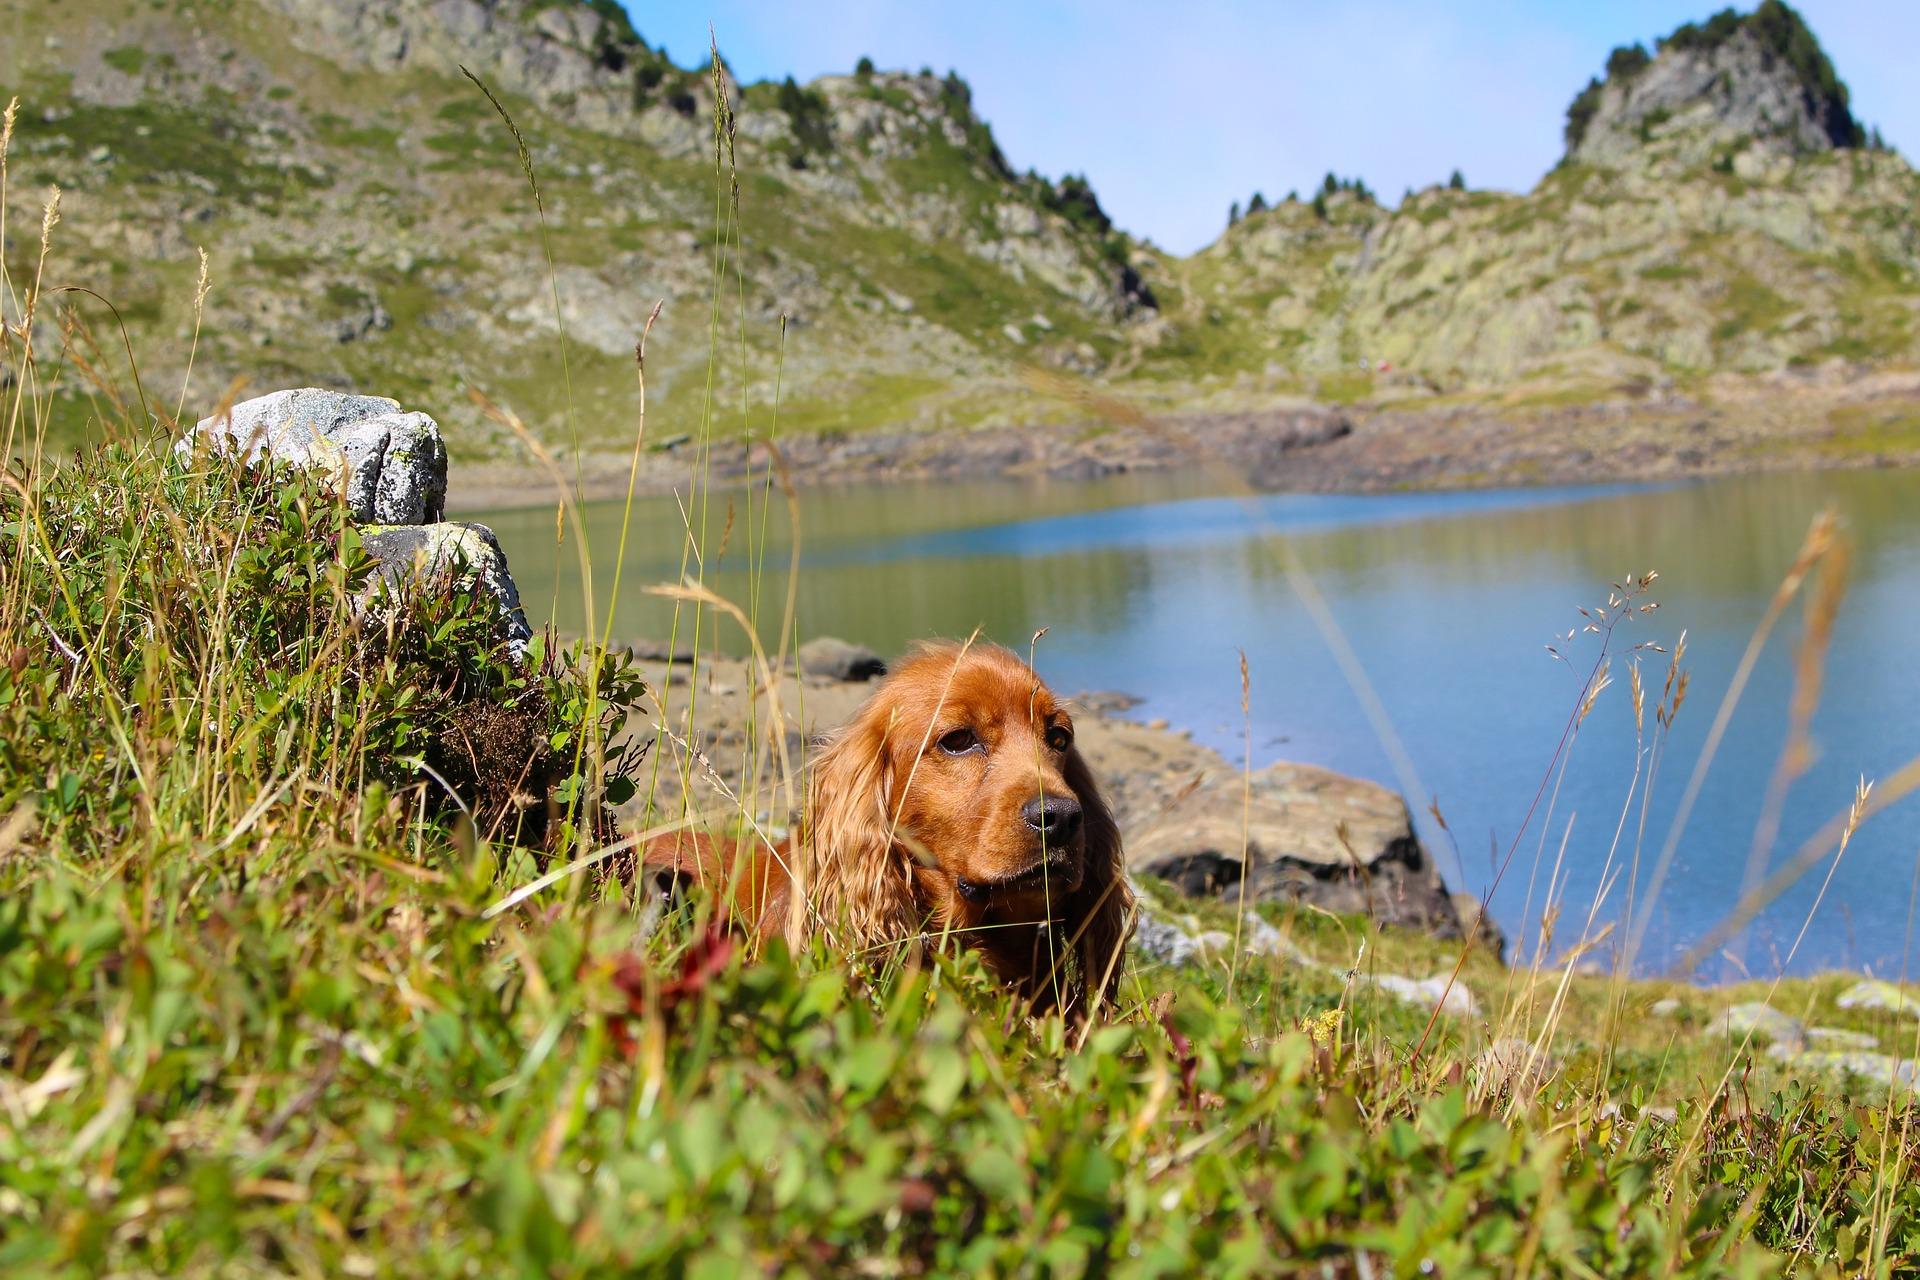 Cocker spaniel angielski to rasa psa myśliwskiego przeznaczonego do wypłaszania ptactwa. Jest wesoły i skory do zabaw.